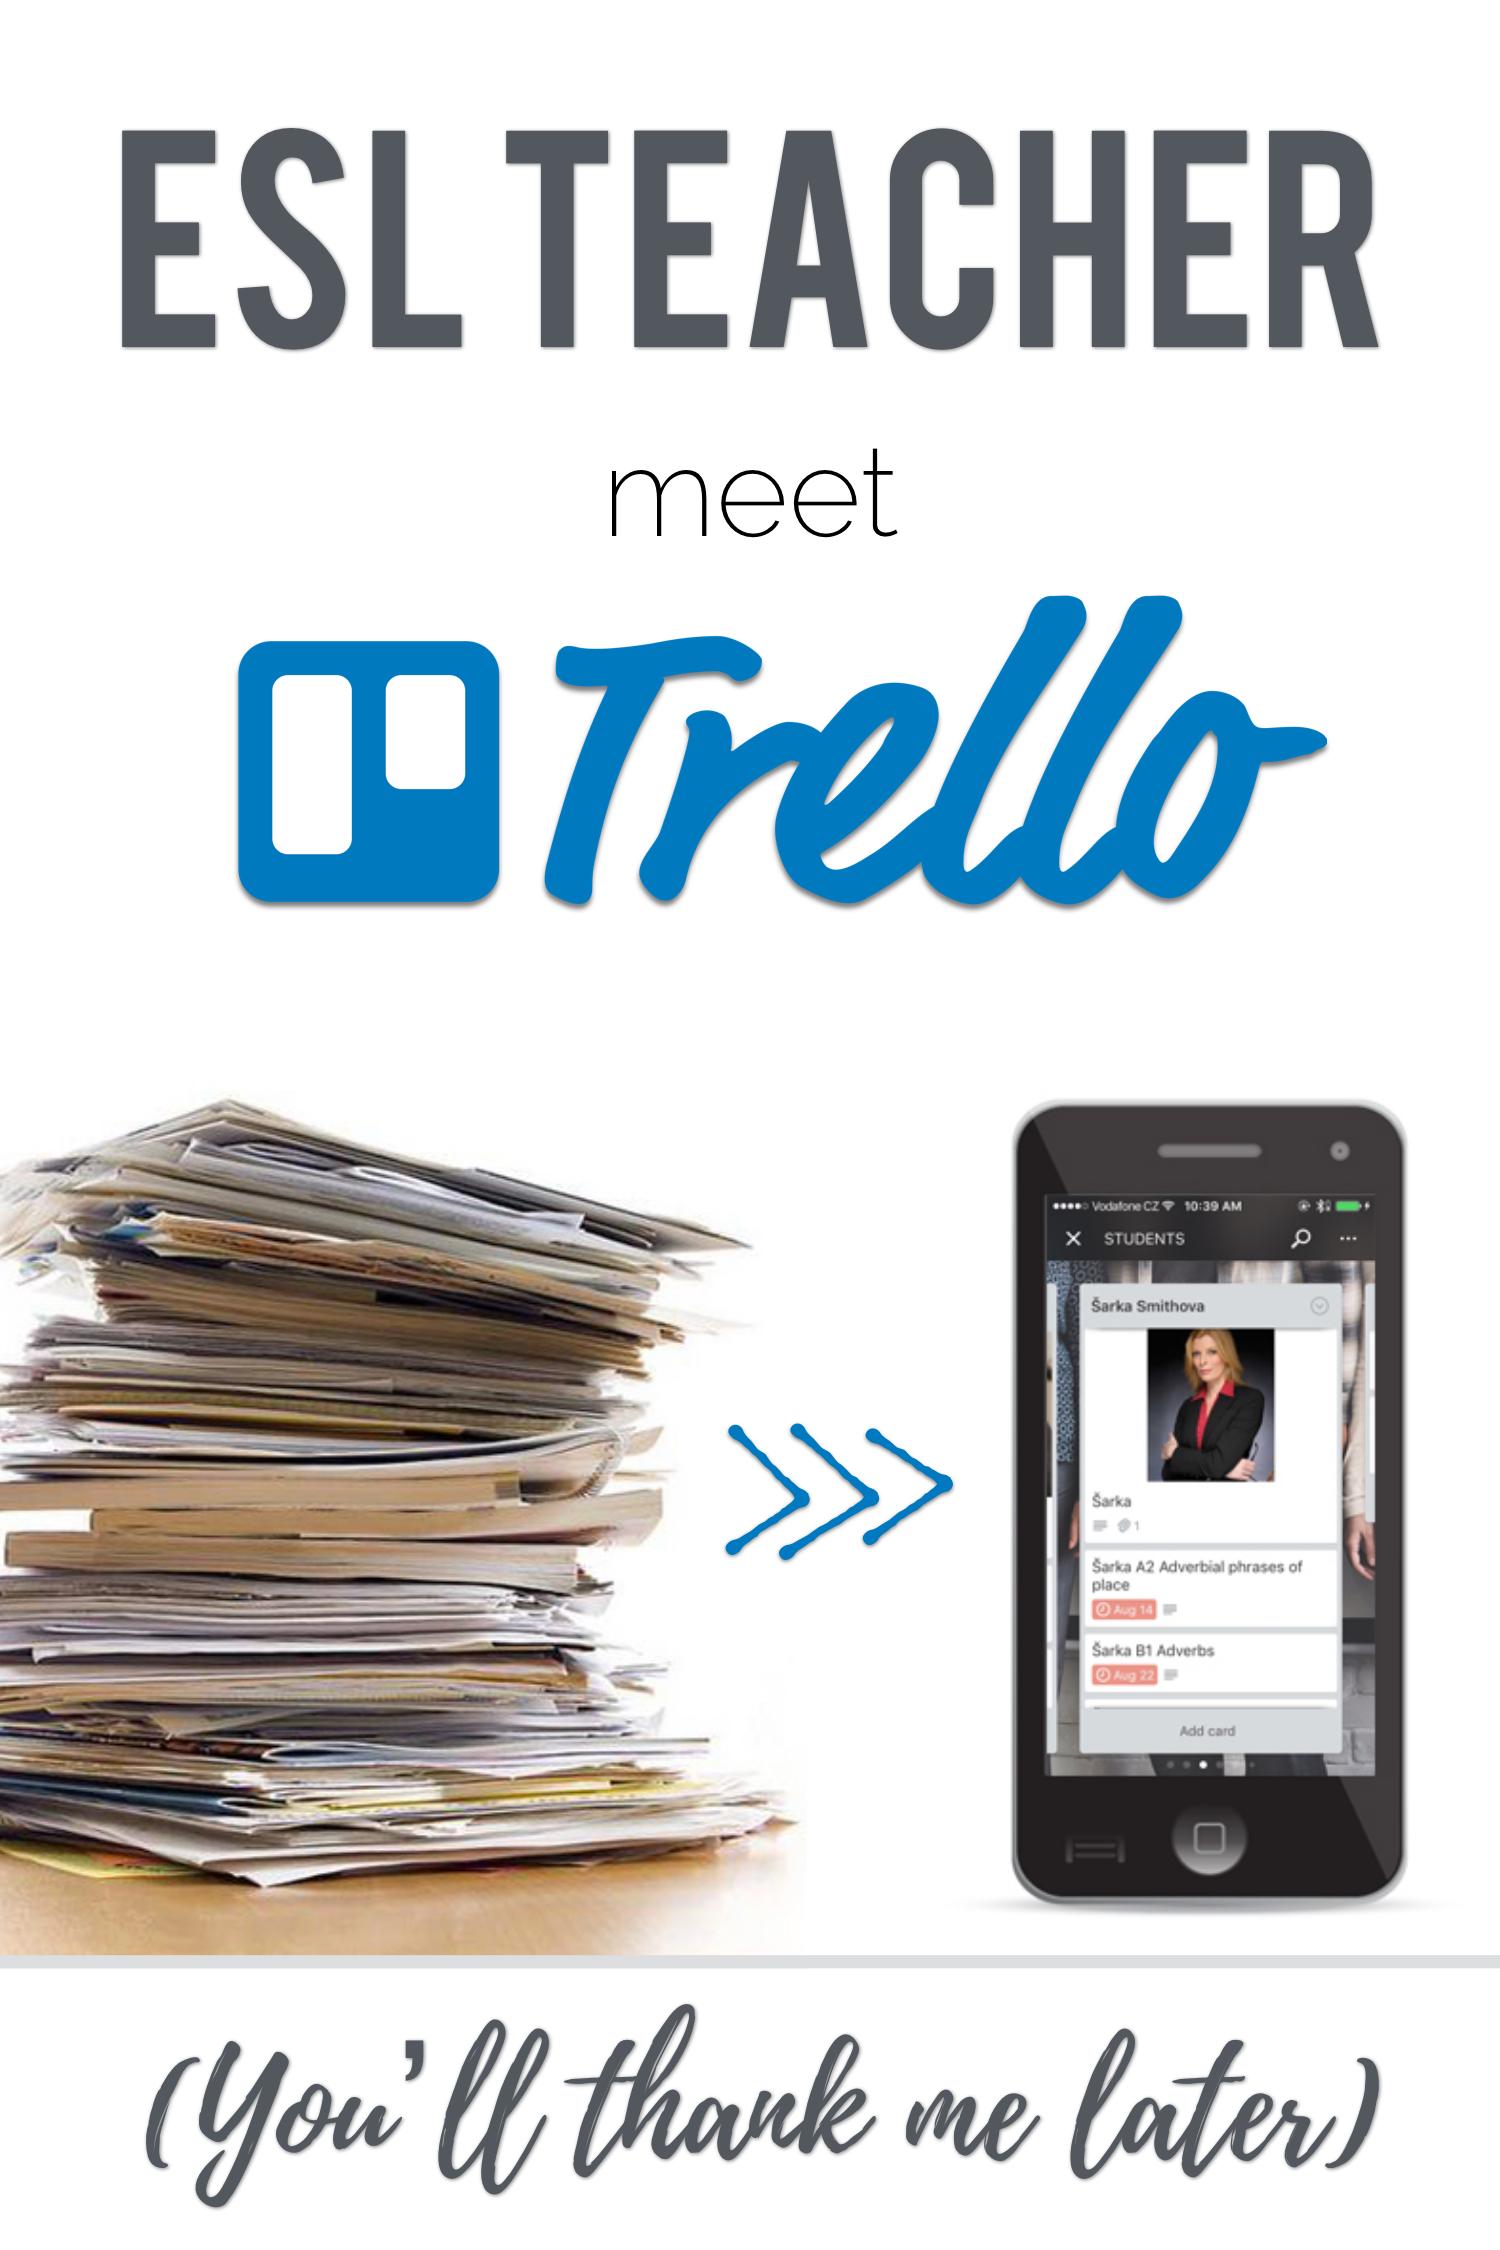 Teacher Meet Trello.001.jpeg